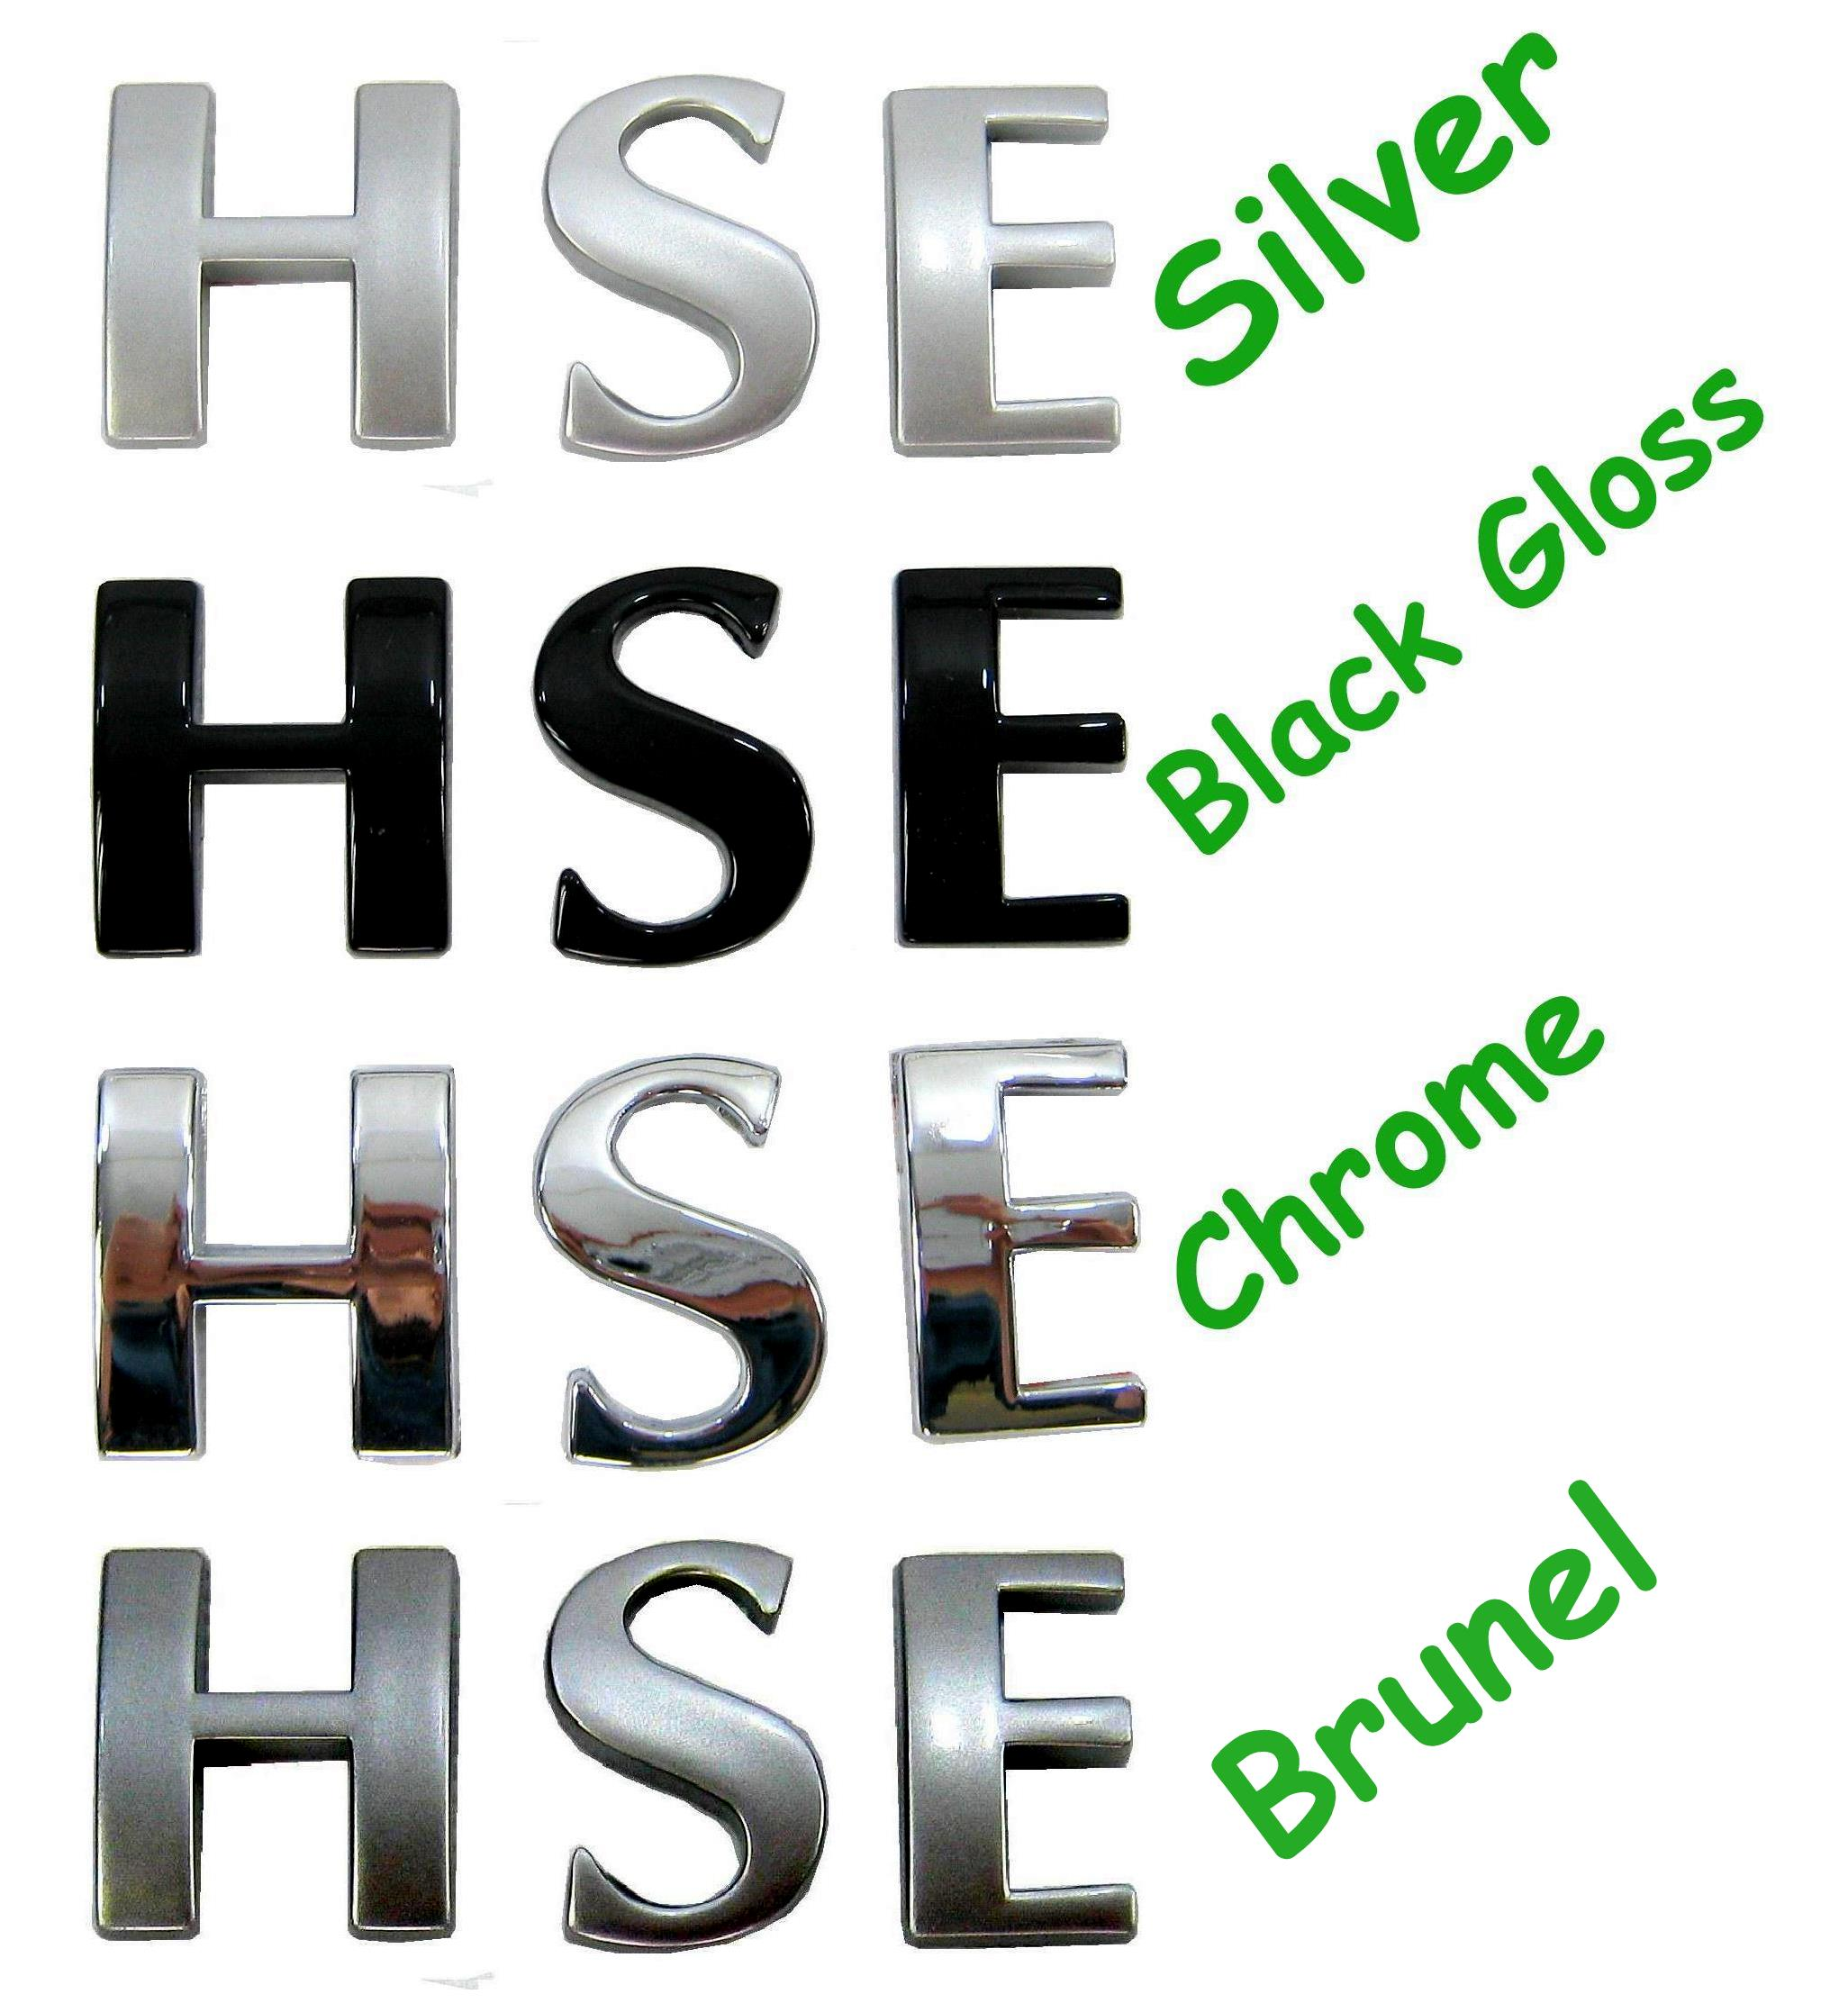 Silver Letters HSE logo for Range Rover L322 sel V8